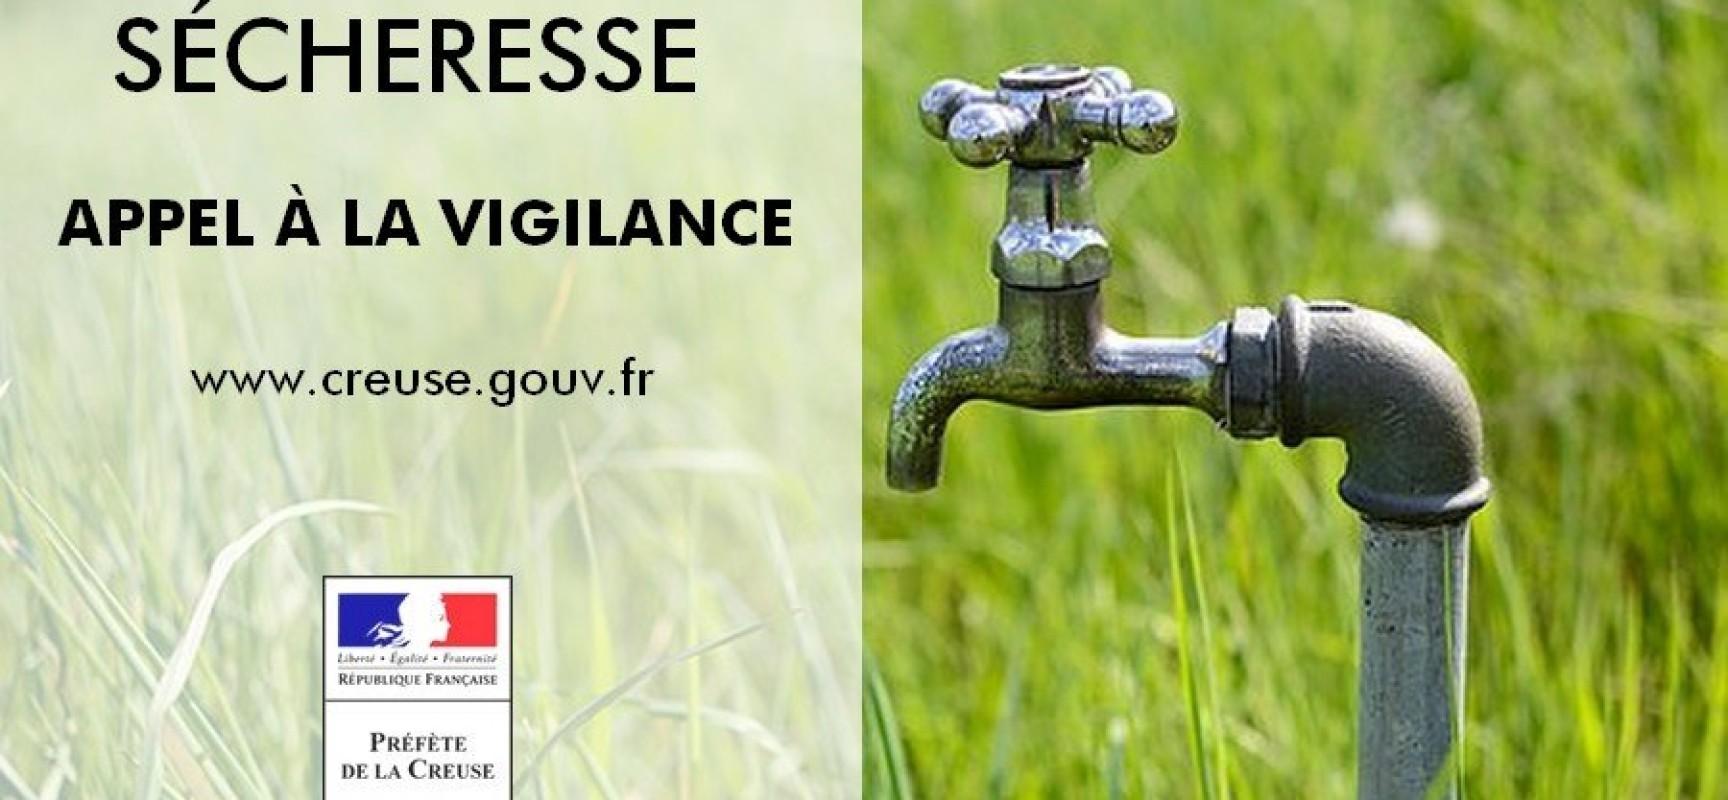 Maintien des restrictions d'usage de l'eau dans un contexte préoccupant qui impose à tous une attitude citoyenne